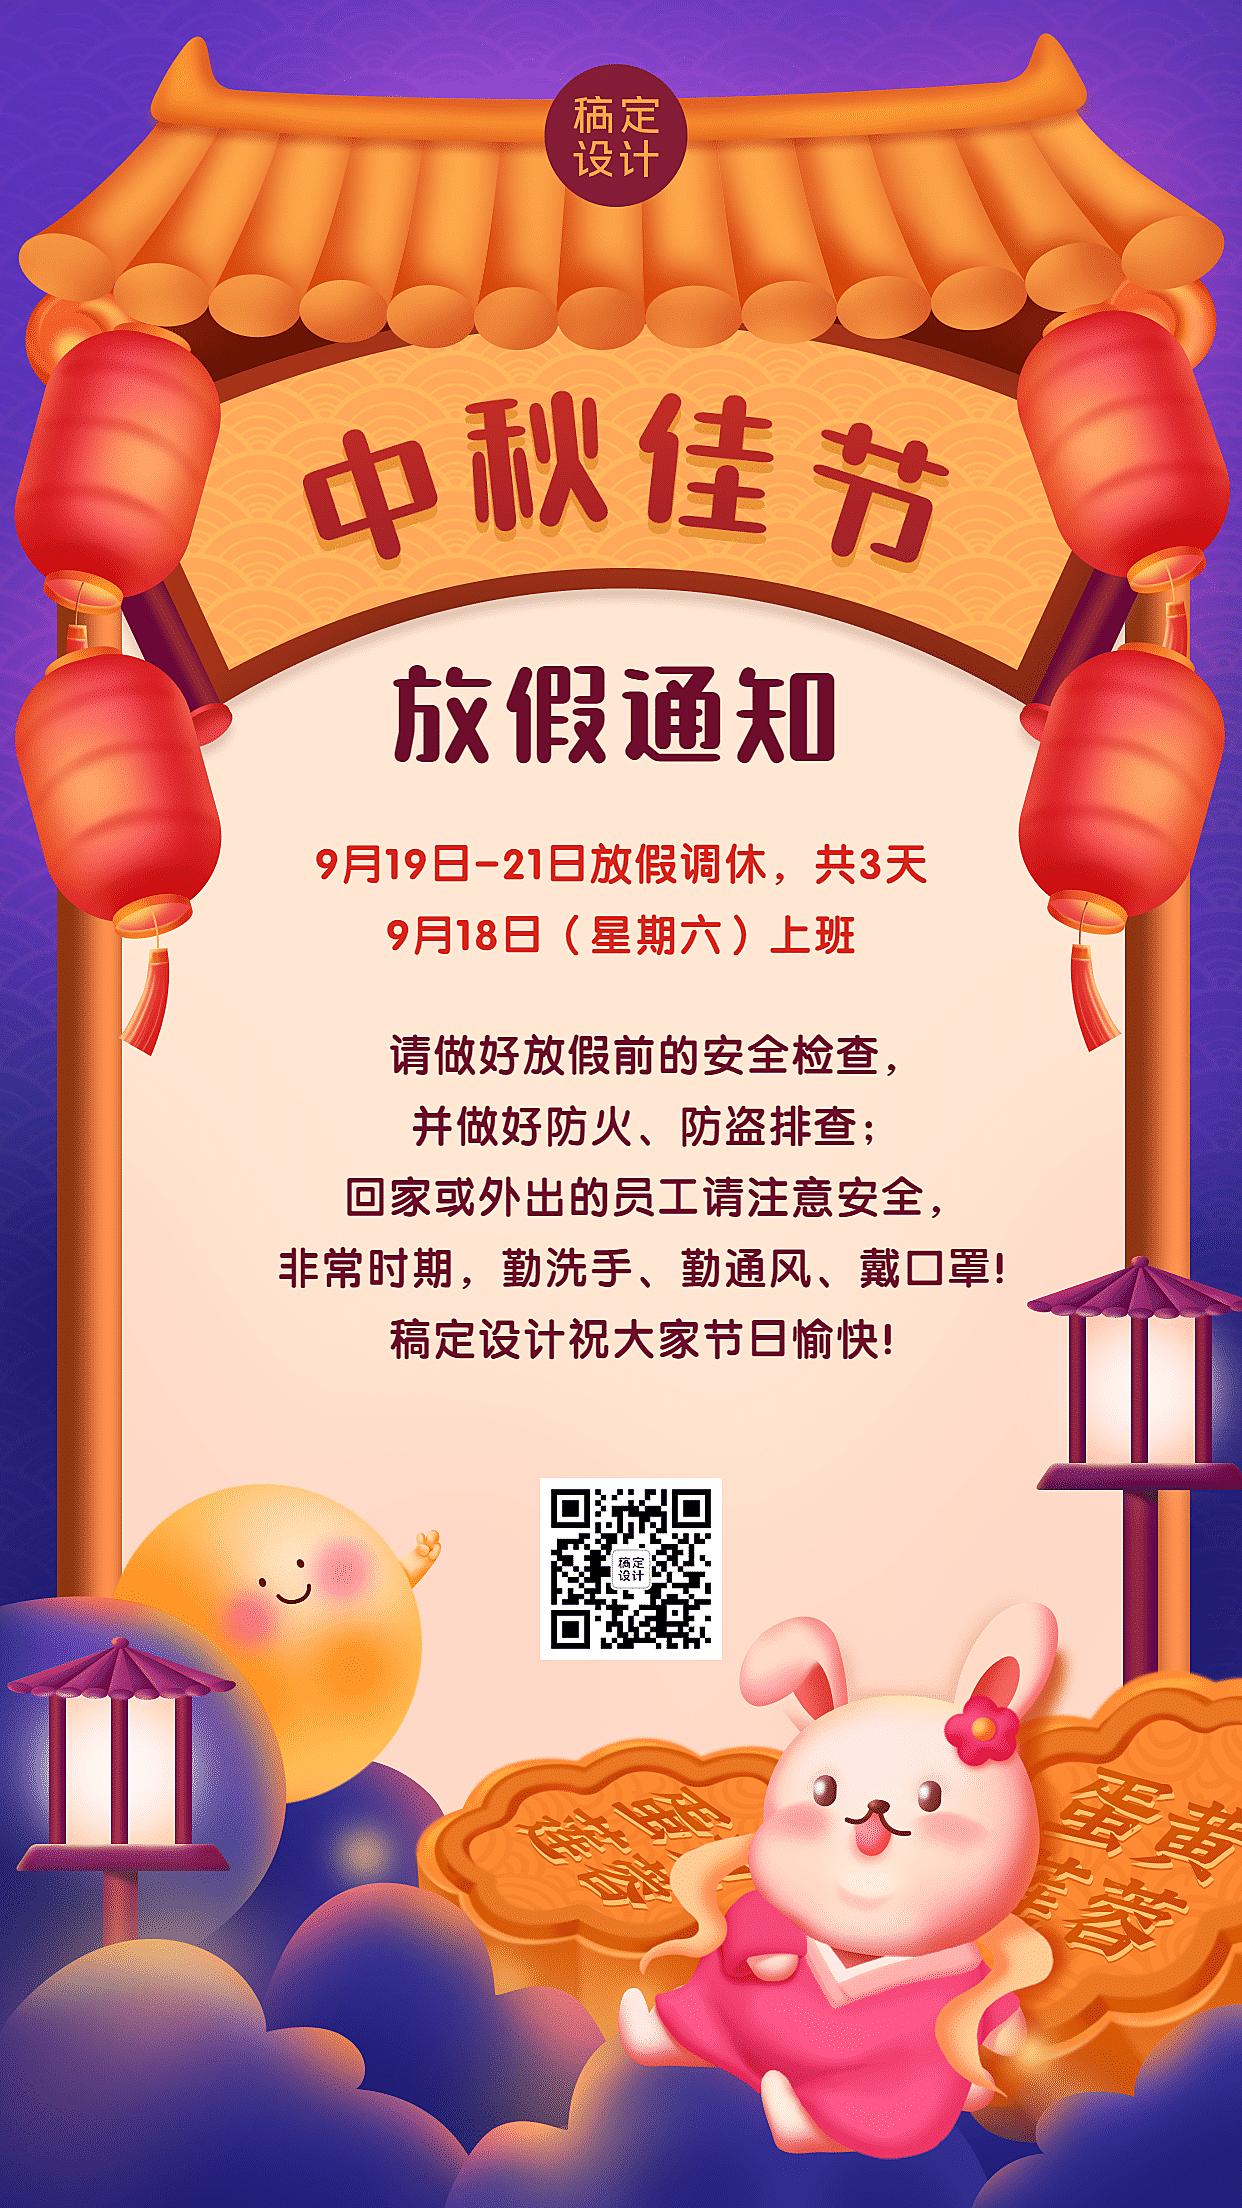 中秋节放假通知可爱插画手机海报